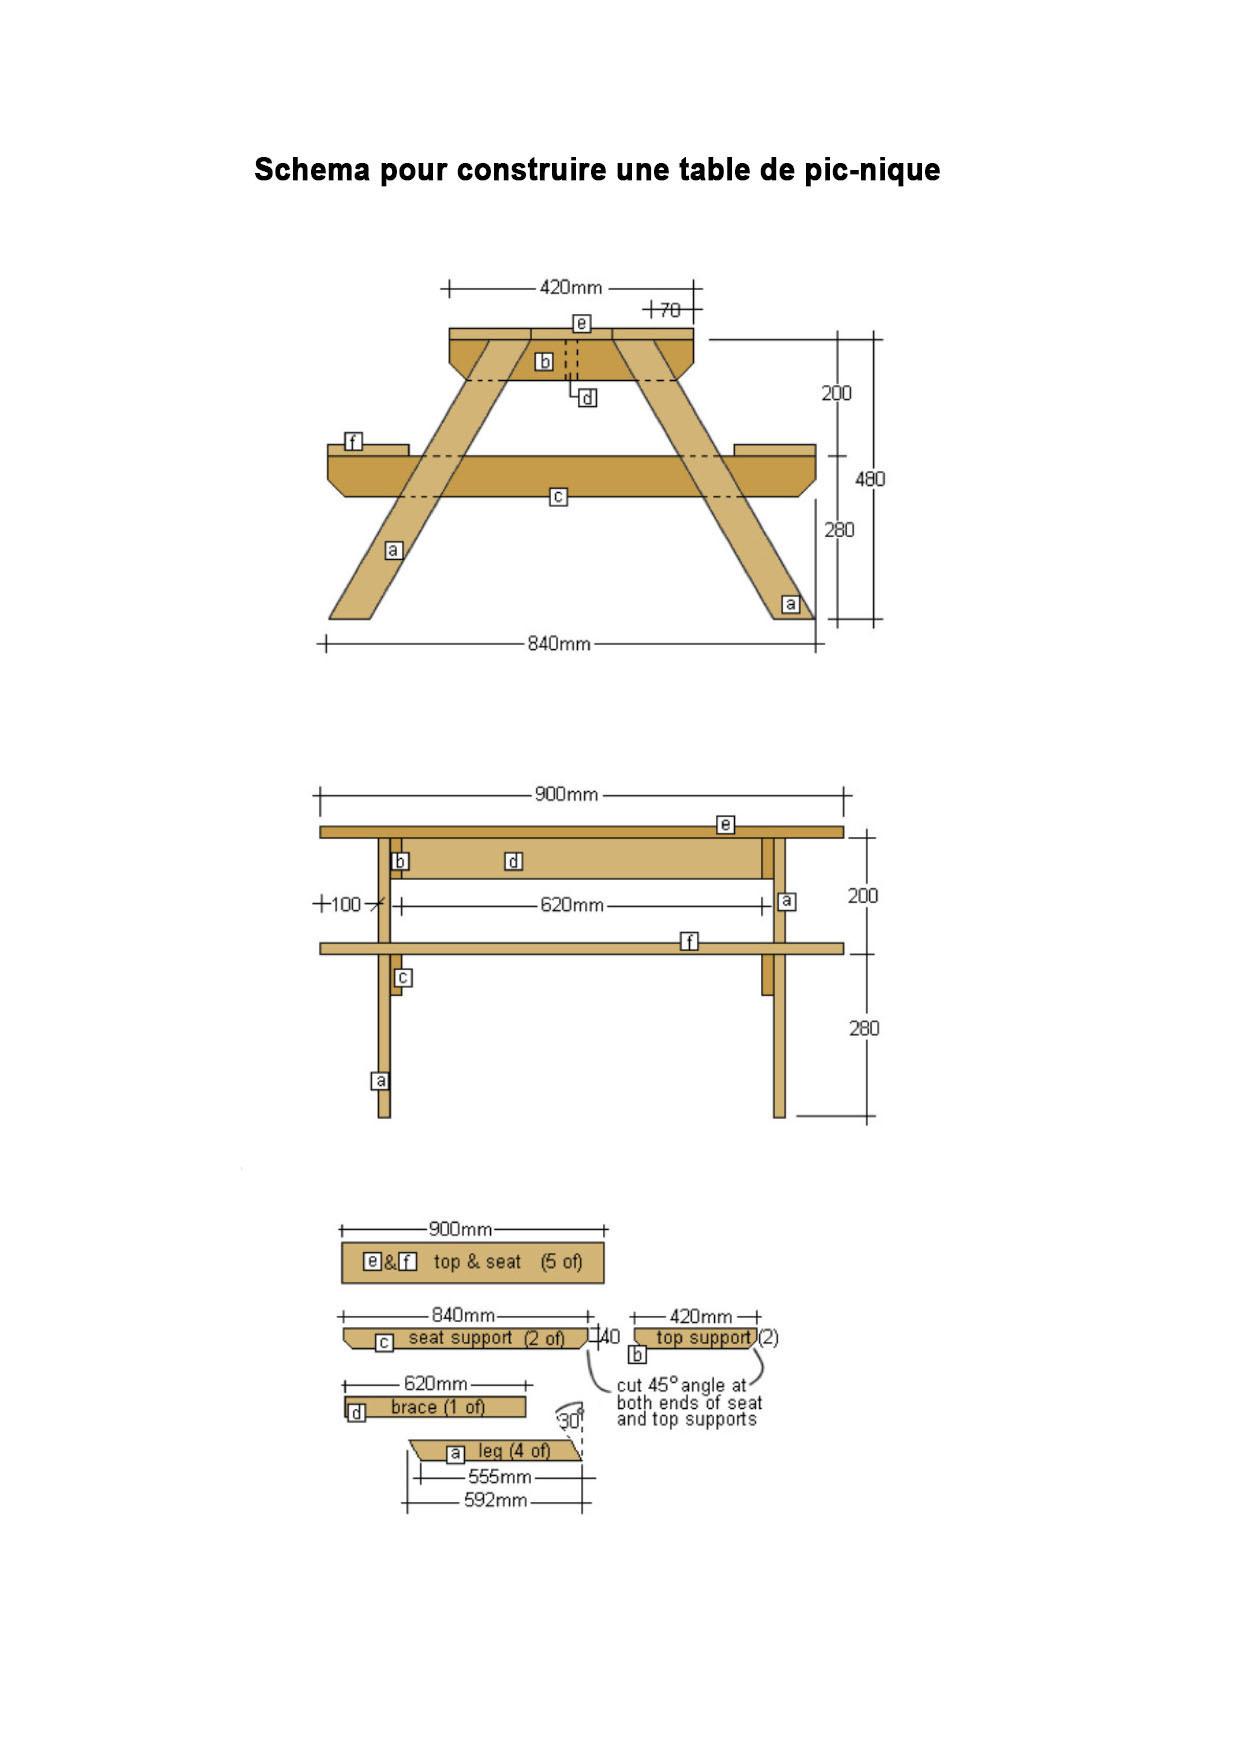 Extremement Fabriquer sa propre table de pique-nique - Pour les makers IK-89